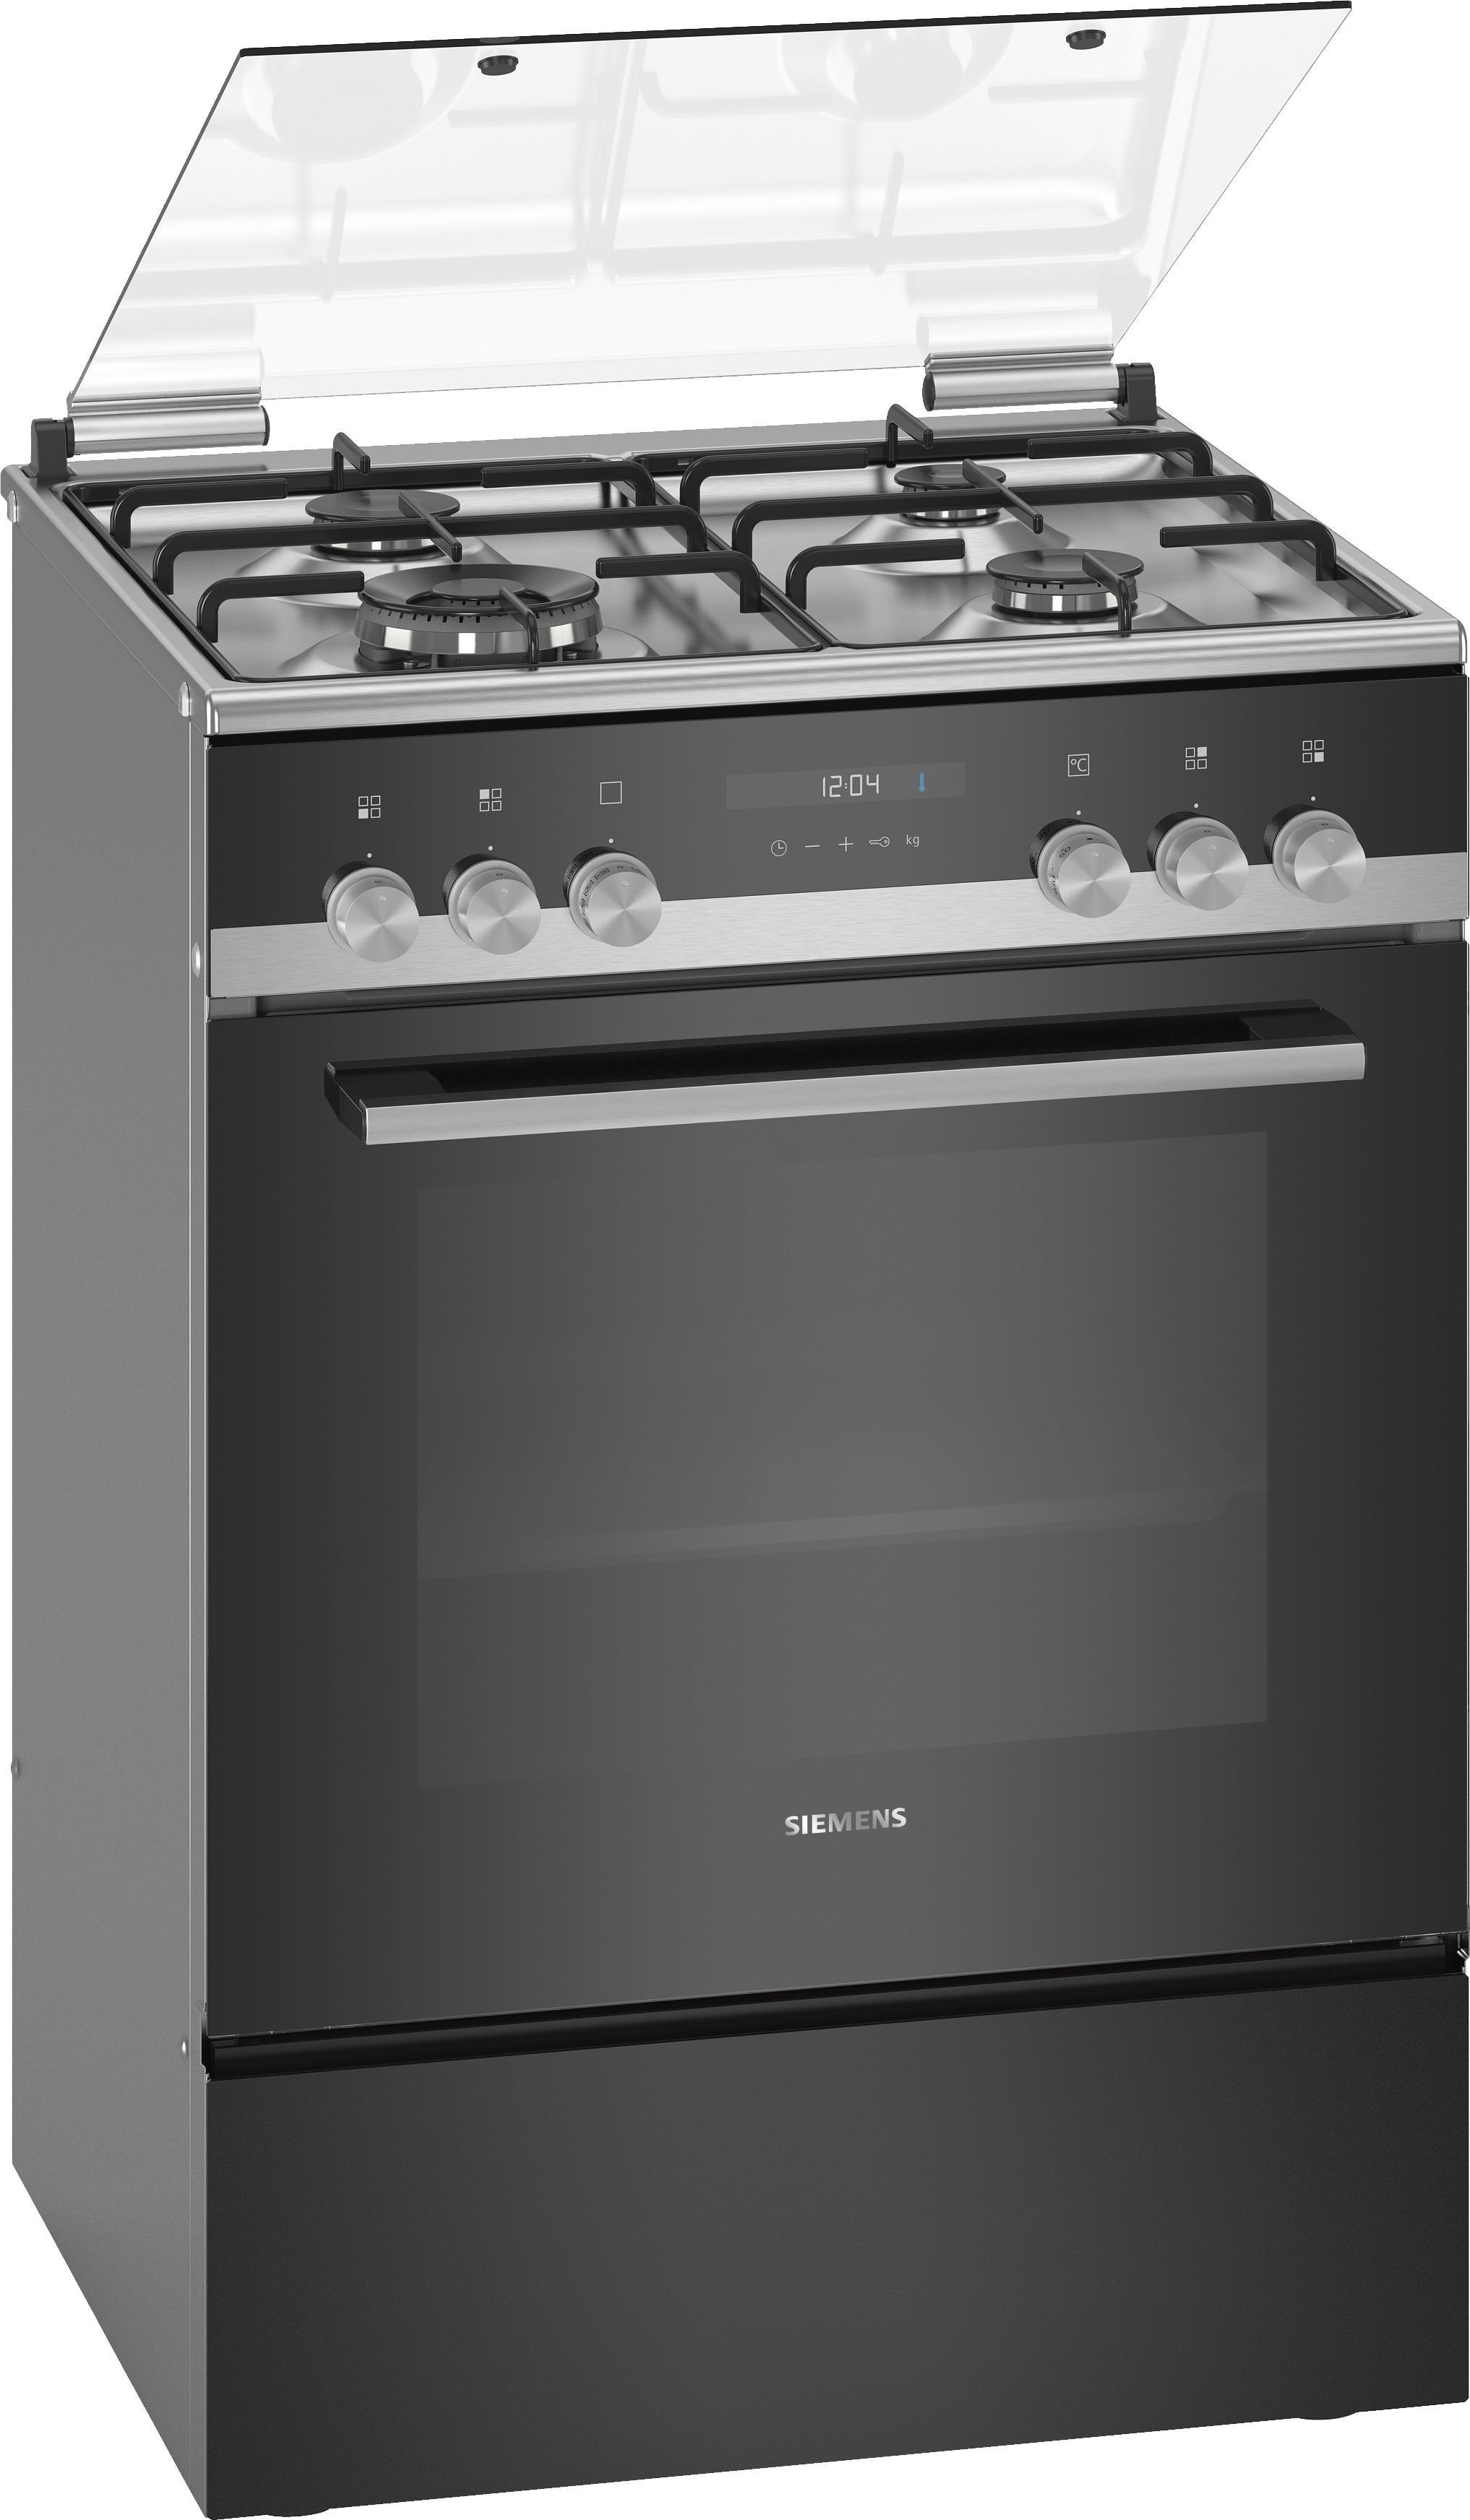 Siemens gasfornuis HX9S5IH40N rvs zwart